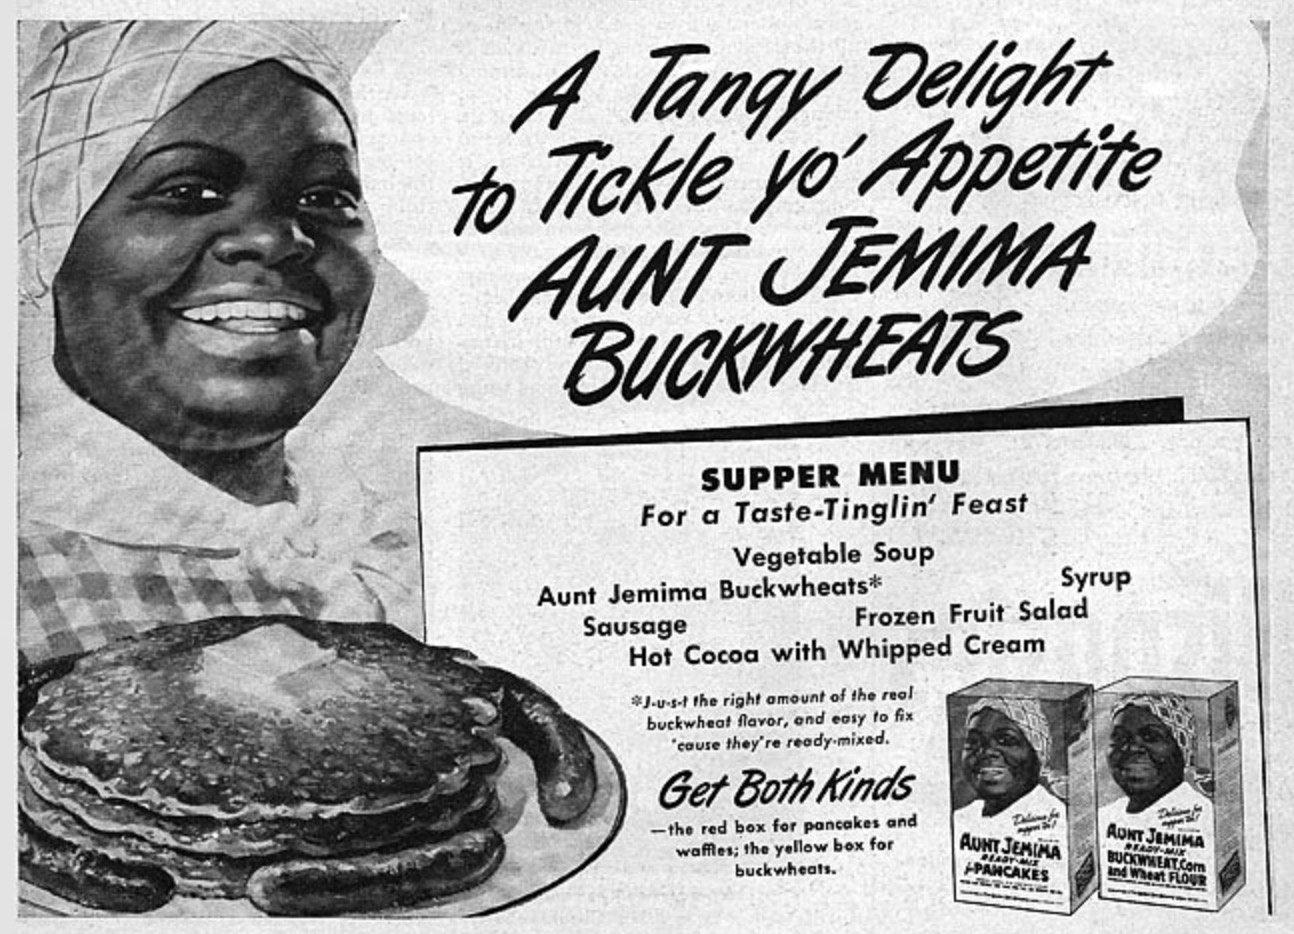 Những thương hiệu Mỹ gây tranh cãi vì phân biệt chủng tộc